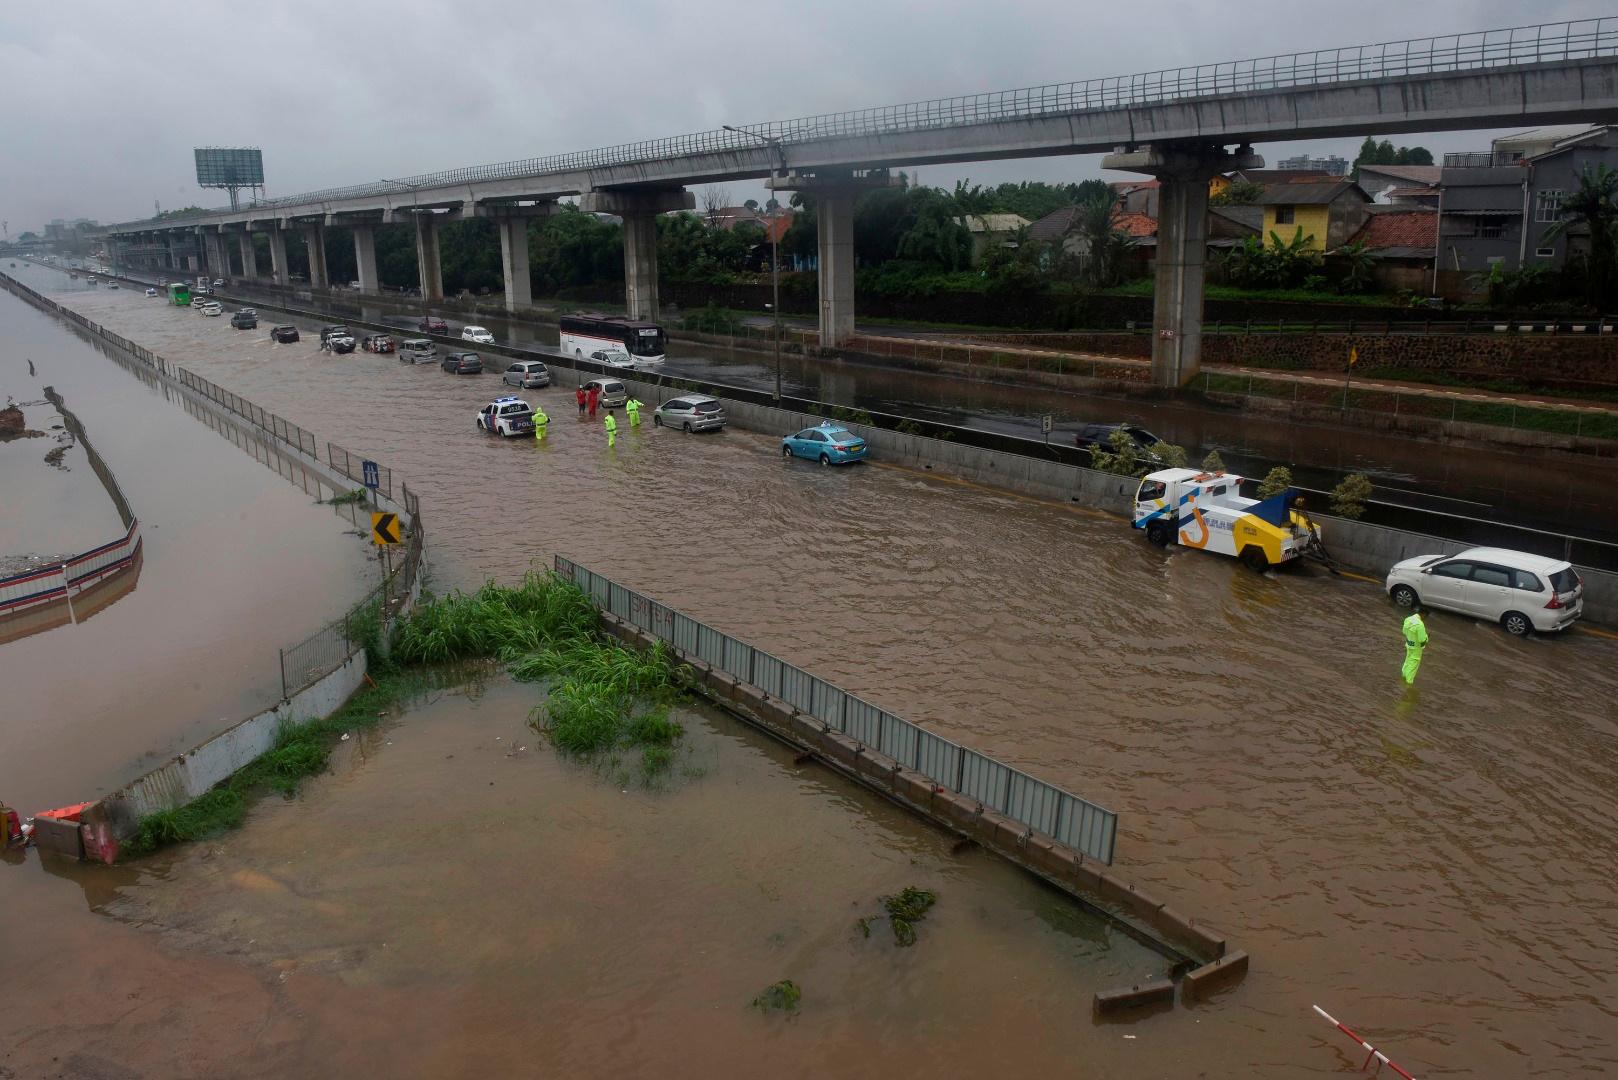 مصرع 4 أشخاص جراء الفيضانات فى إندونيسيا